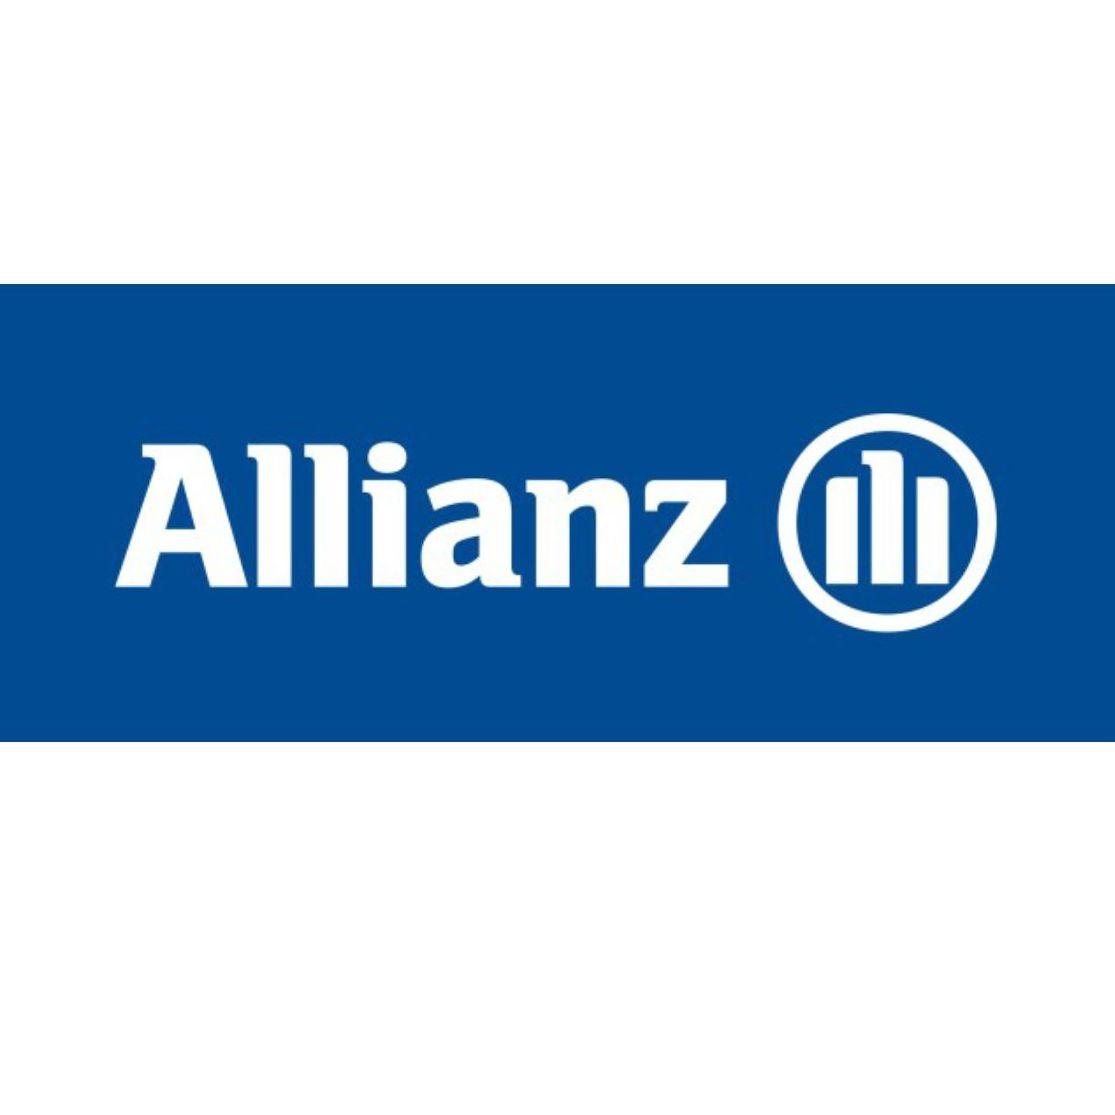 Allianz, la marca de seguros más valiosa del mundo